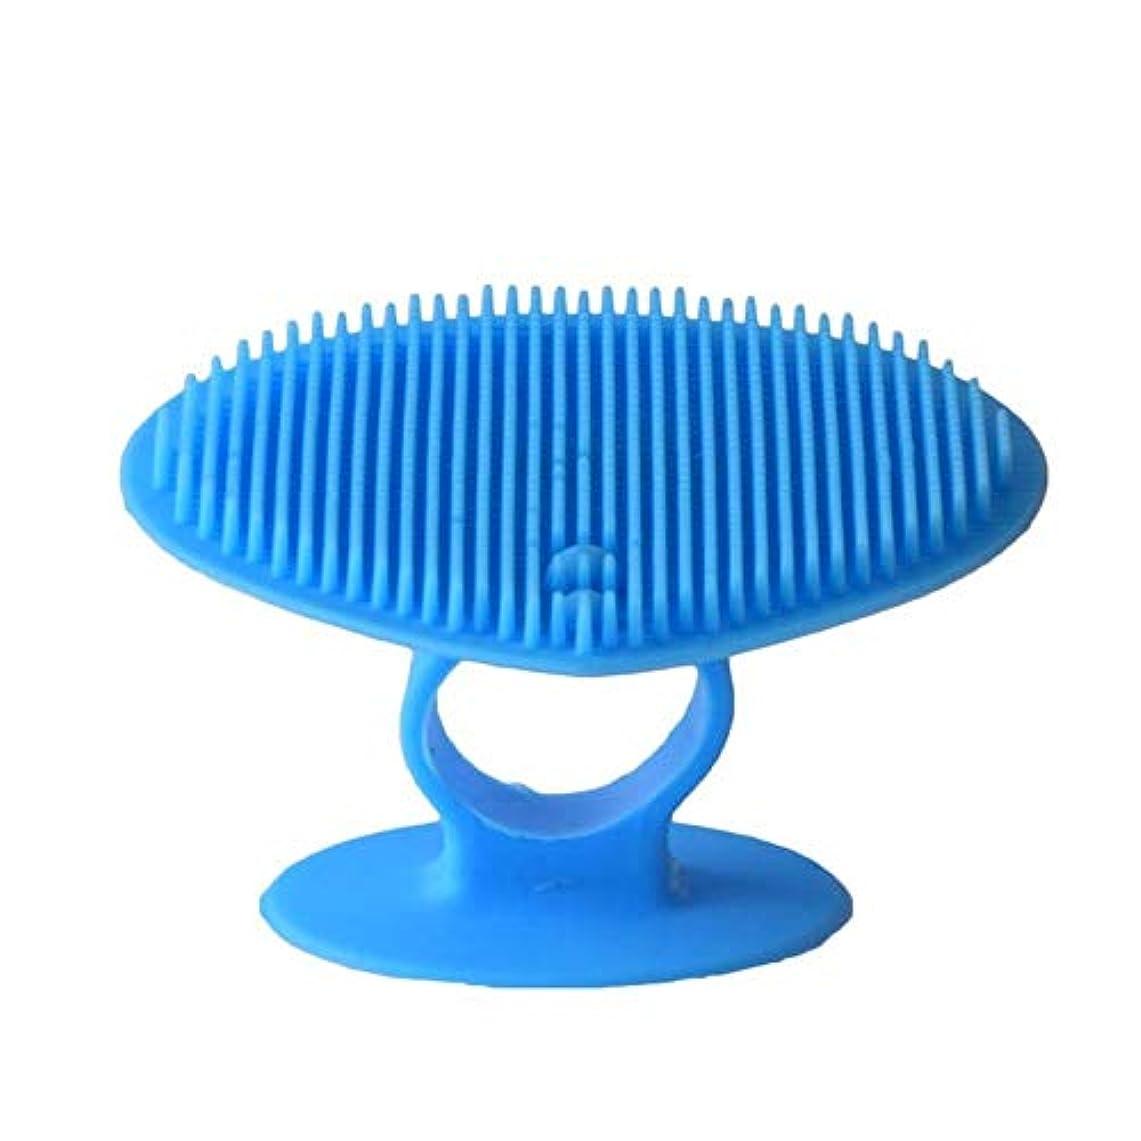 アプト一致するキウイ洗顔ブラシ ソフトシリコンフェイスクリーニングブラシマニュアルフェイシャルマッサージブラシハンドヘルドマットスクラバーメイクアップブラシフェイスエクスフォリエーター ディープクレンジングスキンケア用